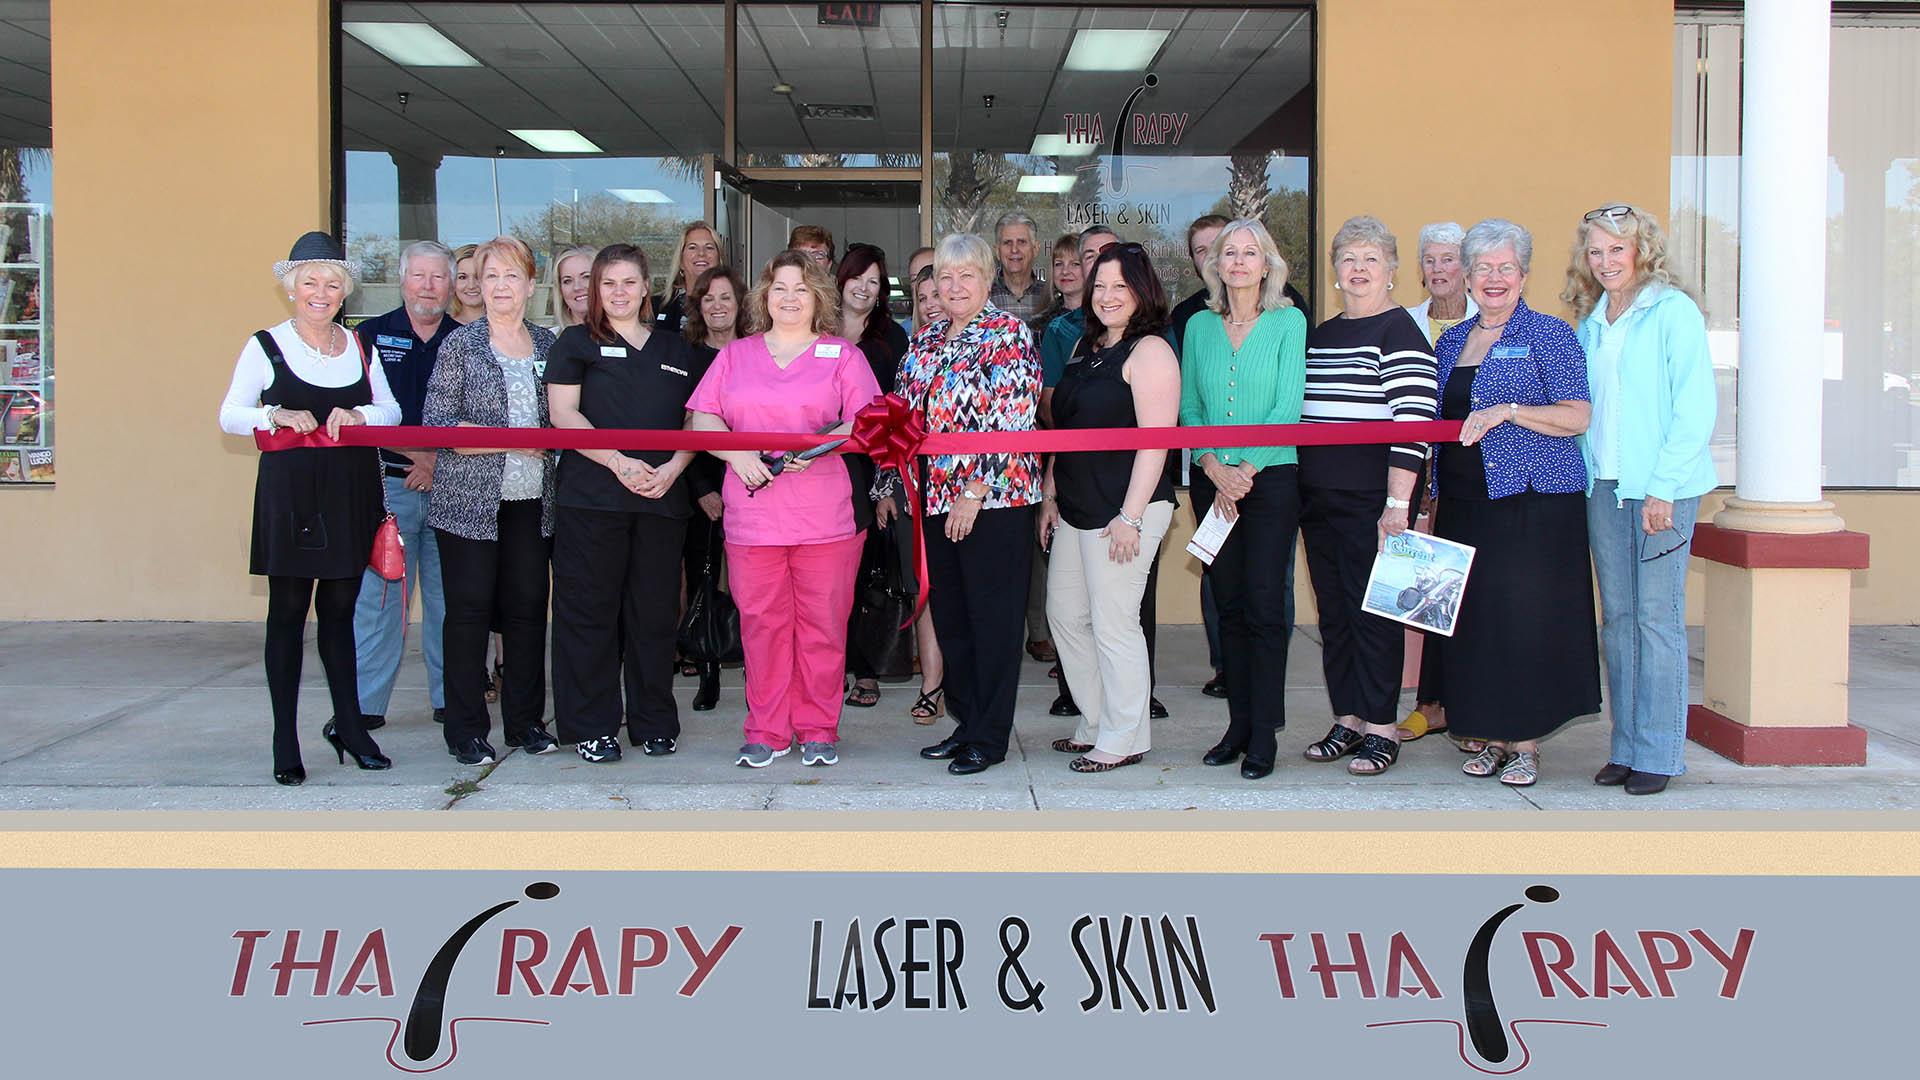 Thairapy-Laser_Skin-web